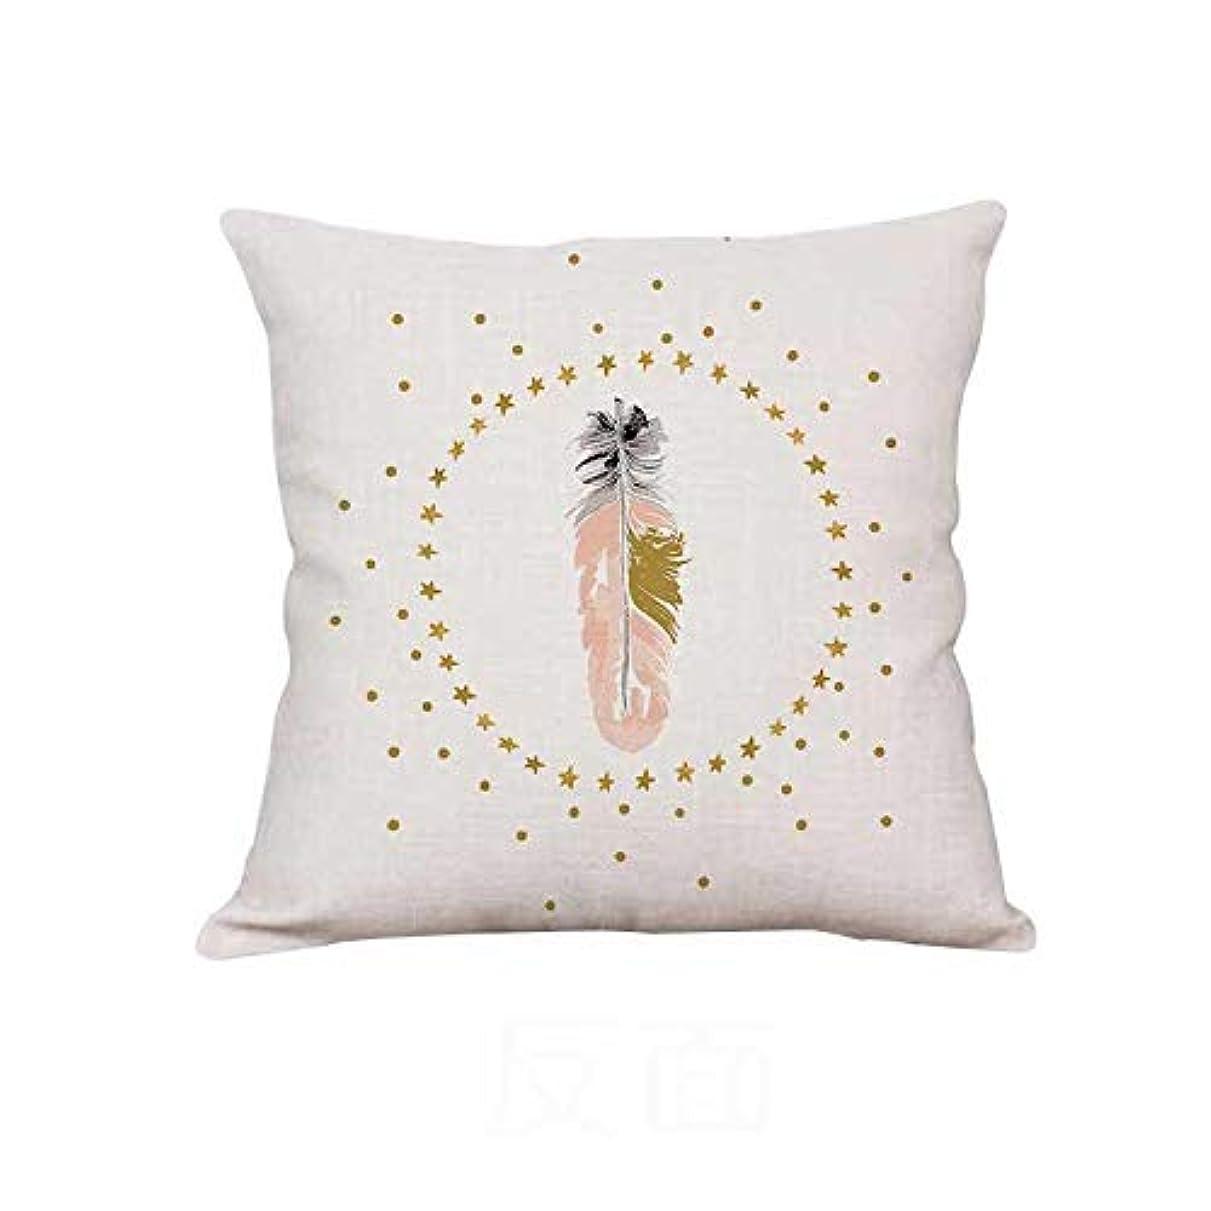 登録する収束するアークLIFE 新しいぬいぐるみピンクフラミンゴクッションガチョウの羽風船幾何北欧家の装飾ソファスロー枕用女の子ルーム装飾 クッション 椅子